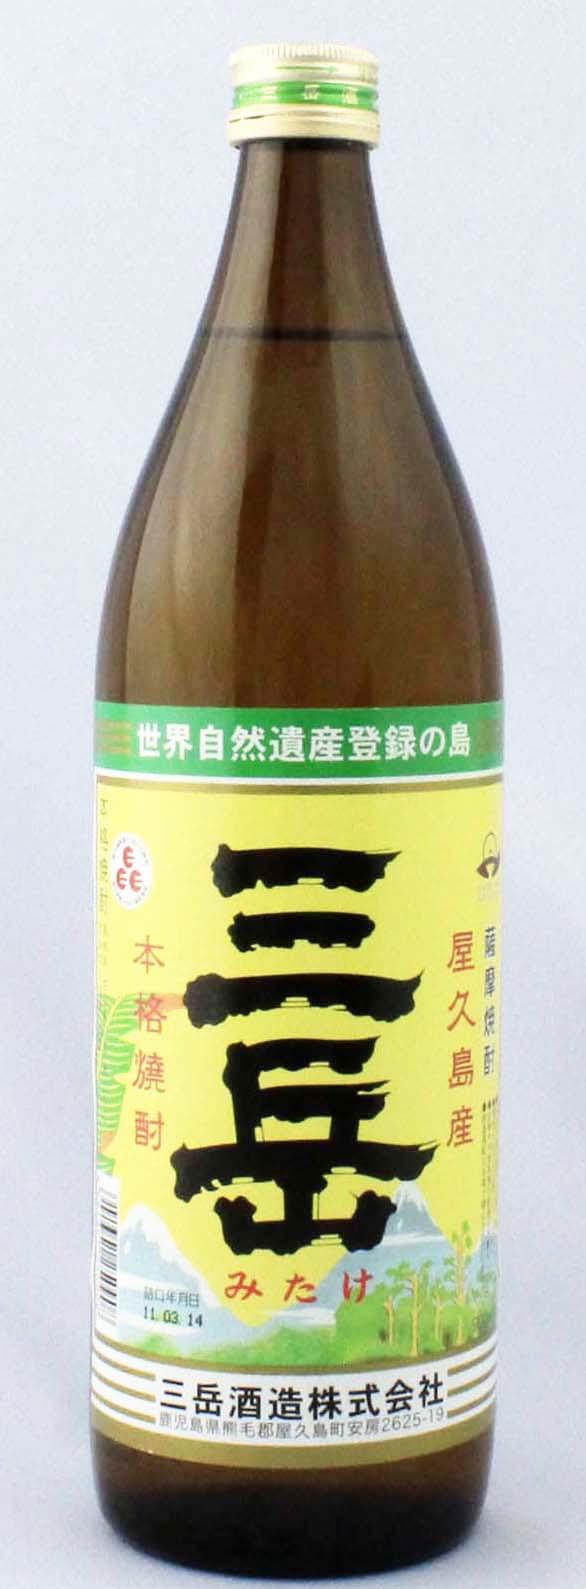 三岳 芋焼酎 25度900ML